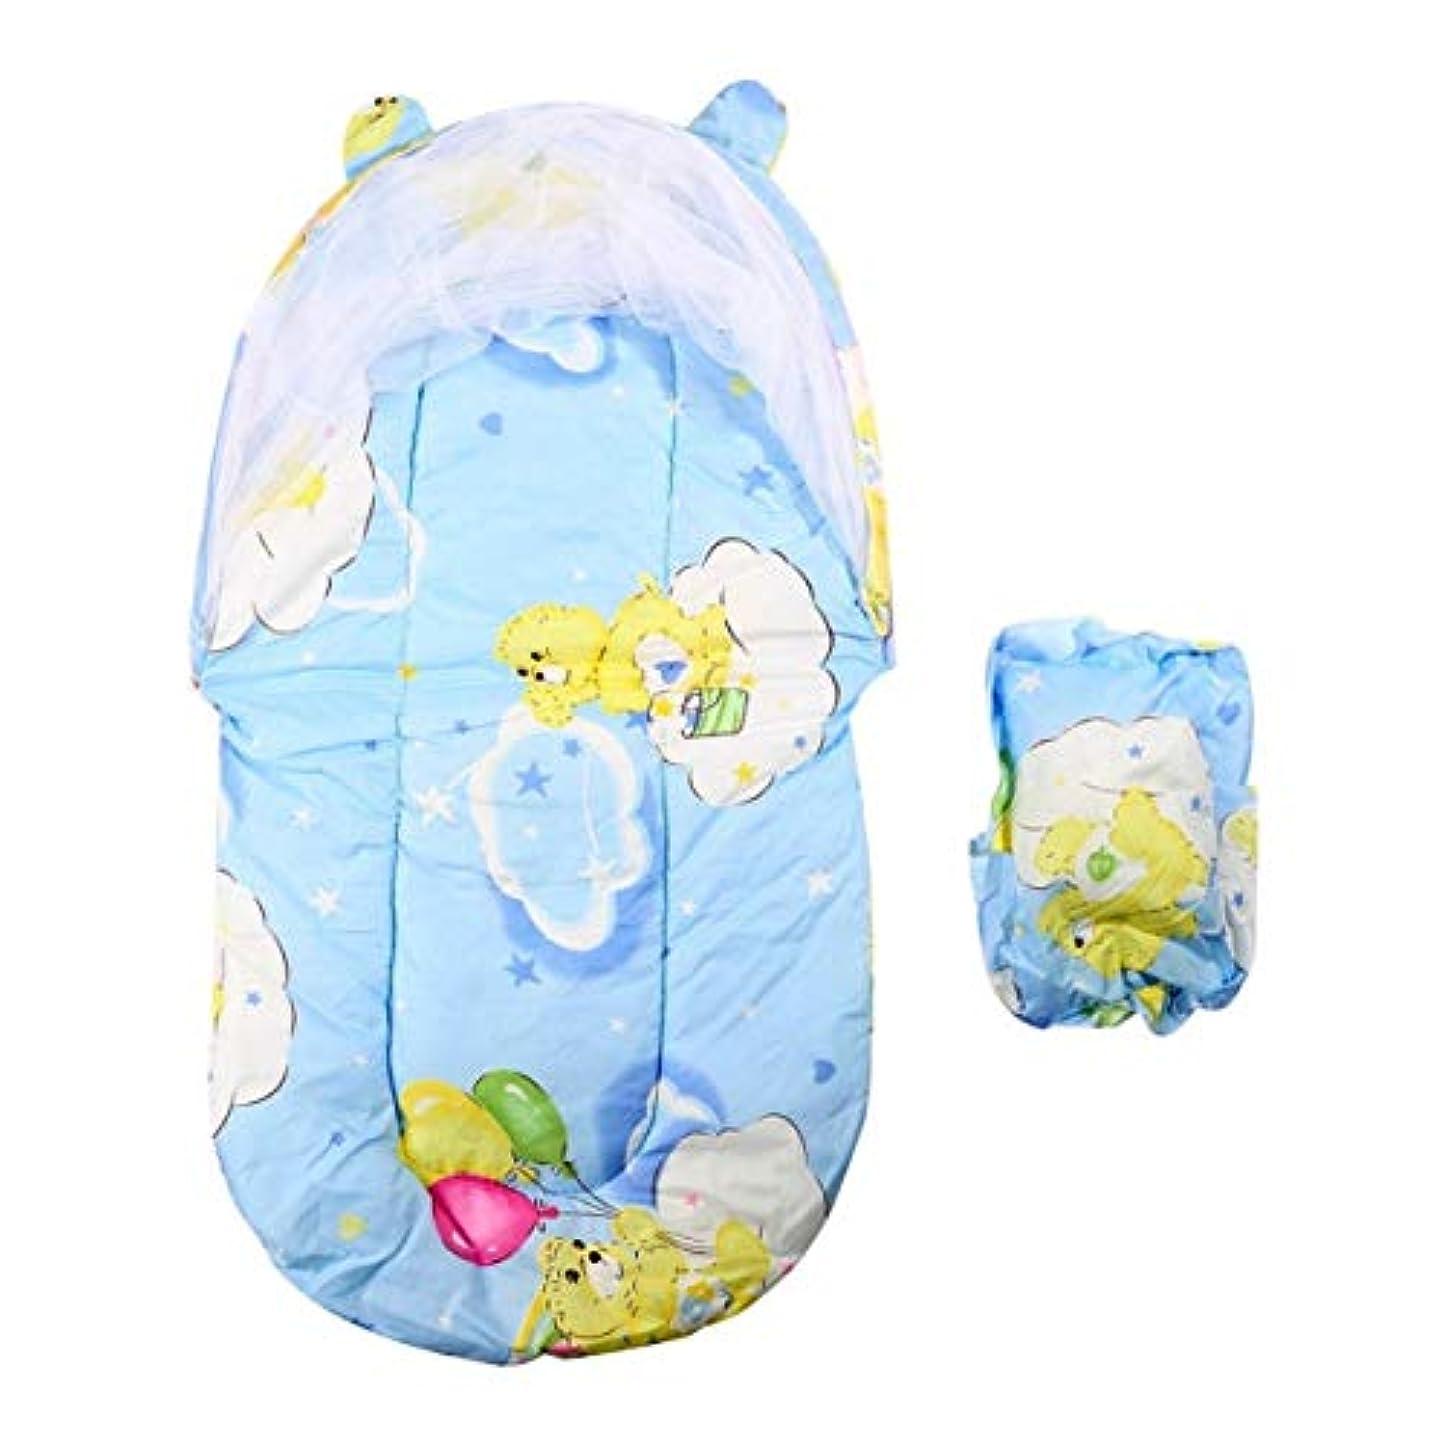 ロードされたマトリックス森林Saikogoods 折り畳み式の新しい赤ん坊の綿パッド入りマットレス幼児枕ベッド蚊帳テントはキッズベビーベッドアクセサリーハングドームフロアスタンド 青